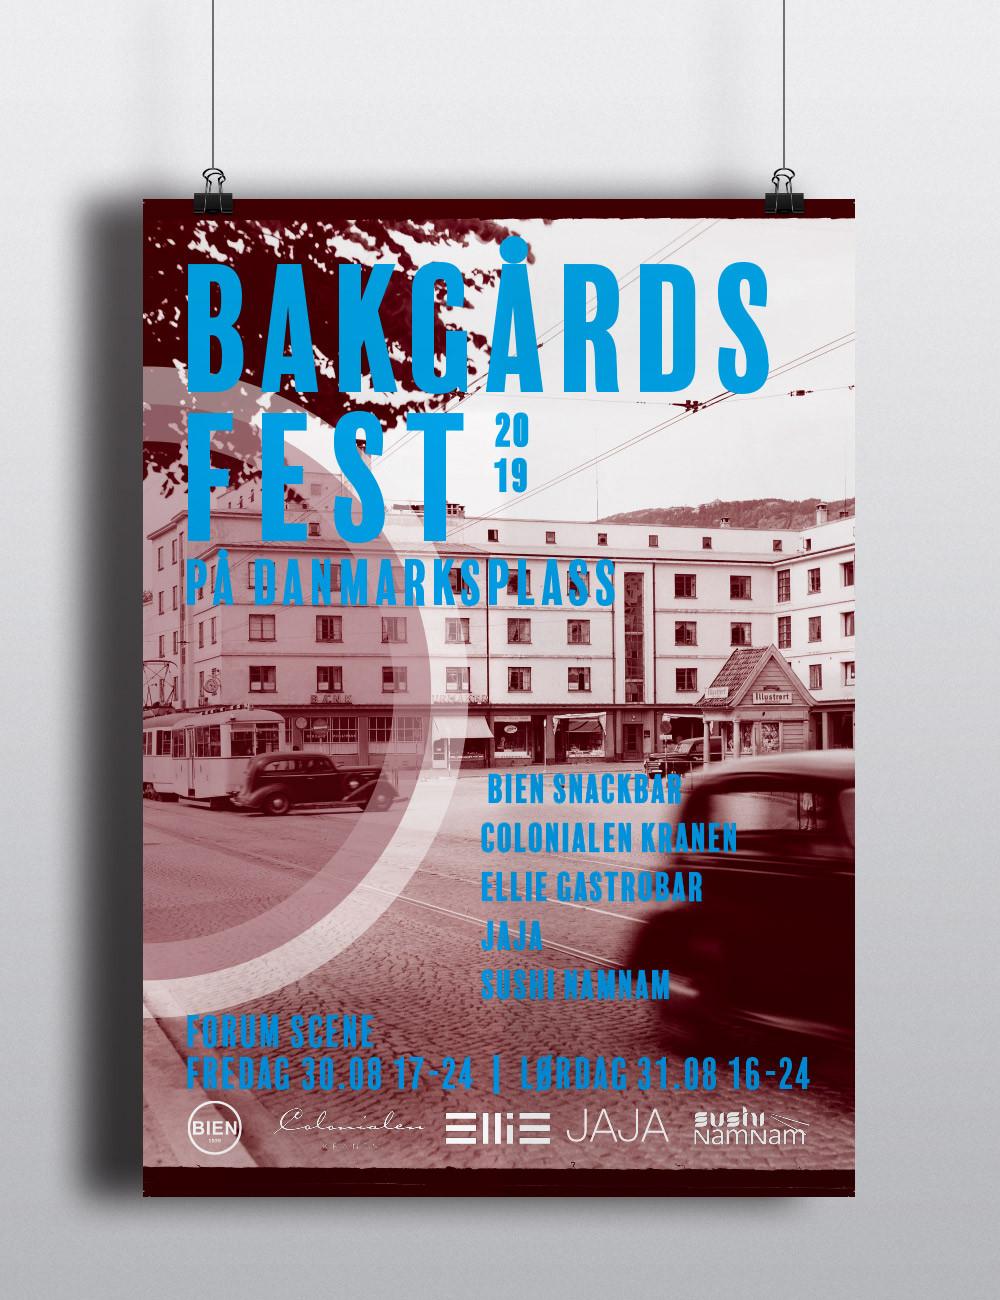 Bakgaardsfest Poster